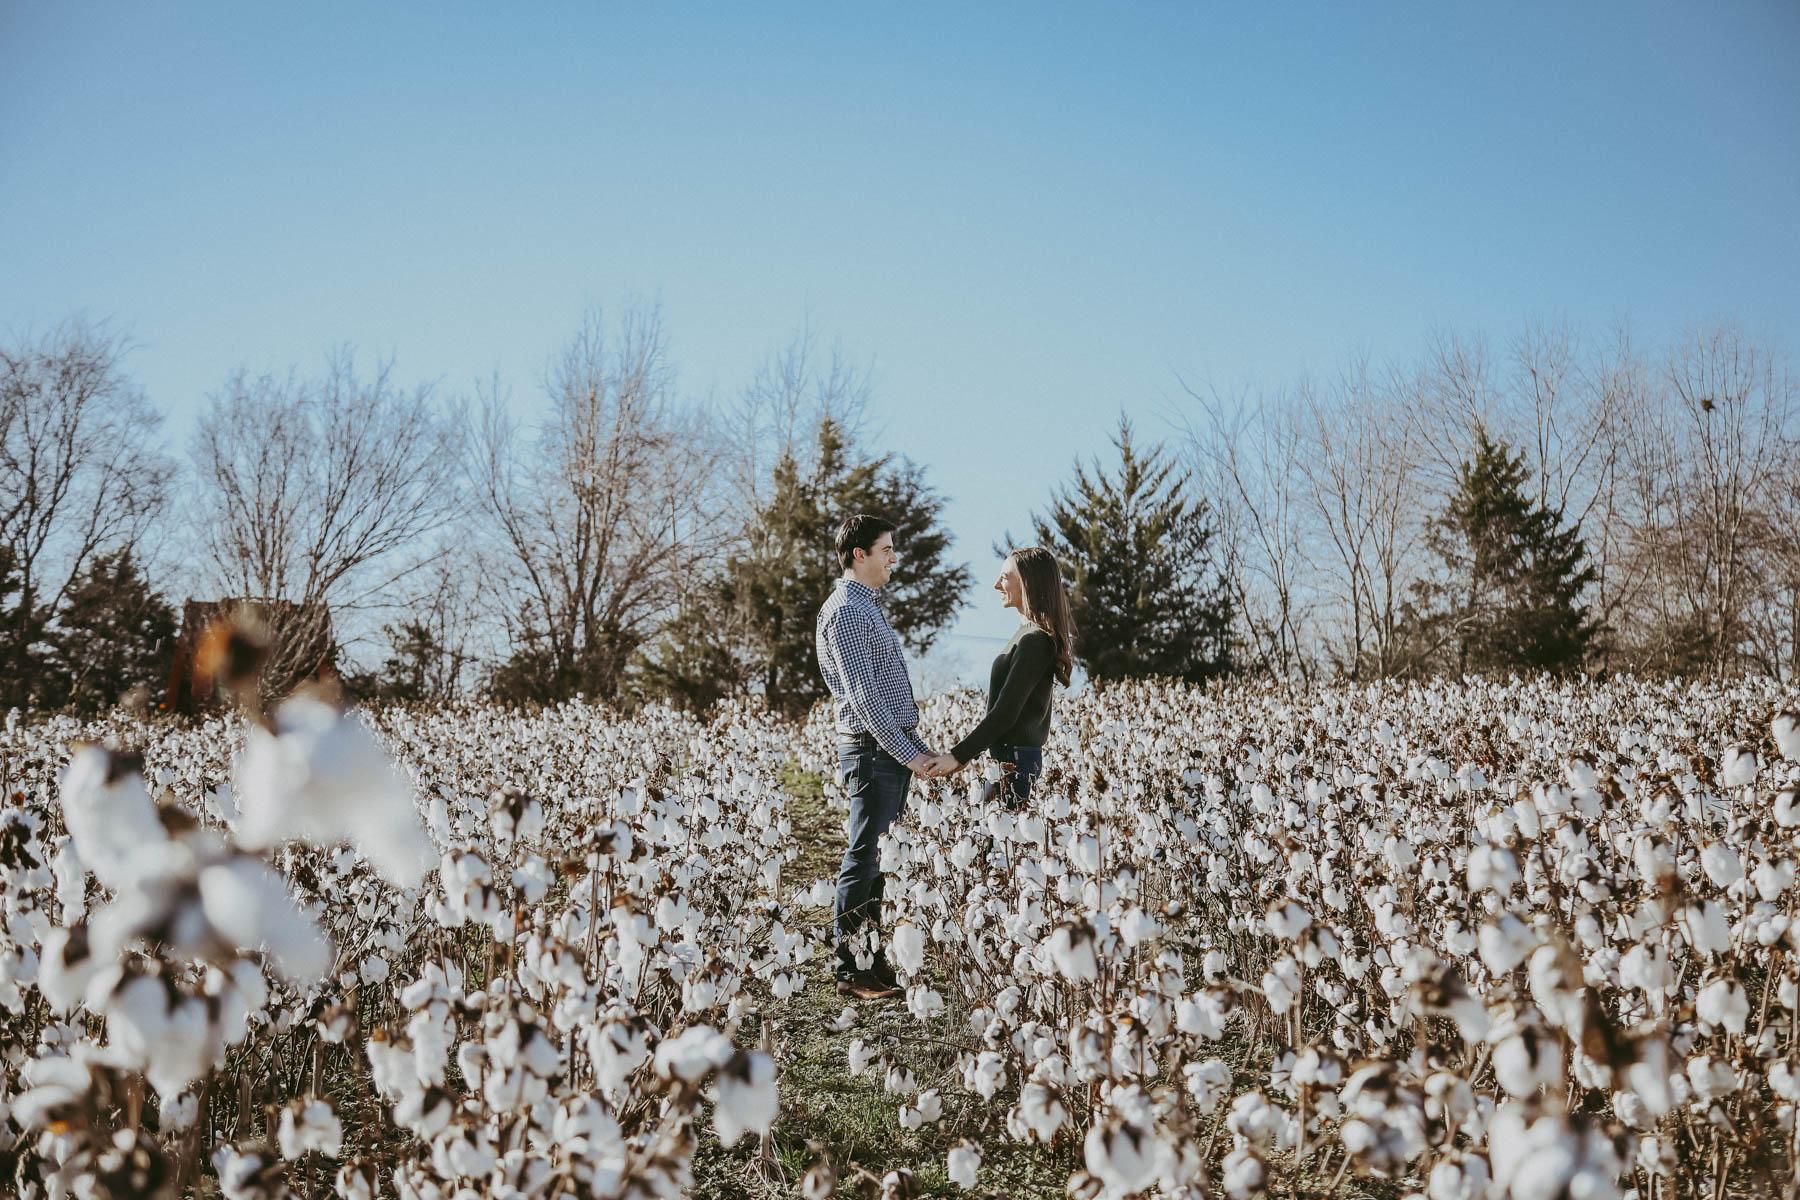 Nashville_Cotton_Field_Engagement-3.jpg